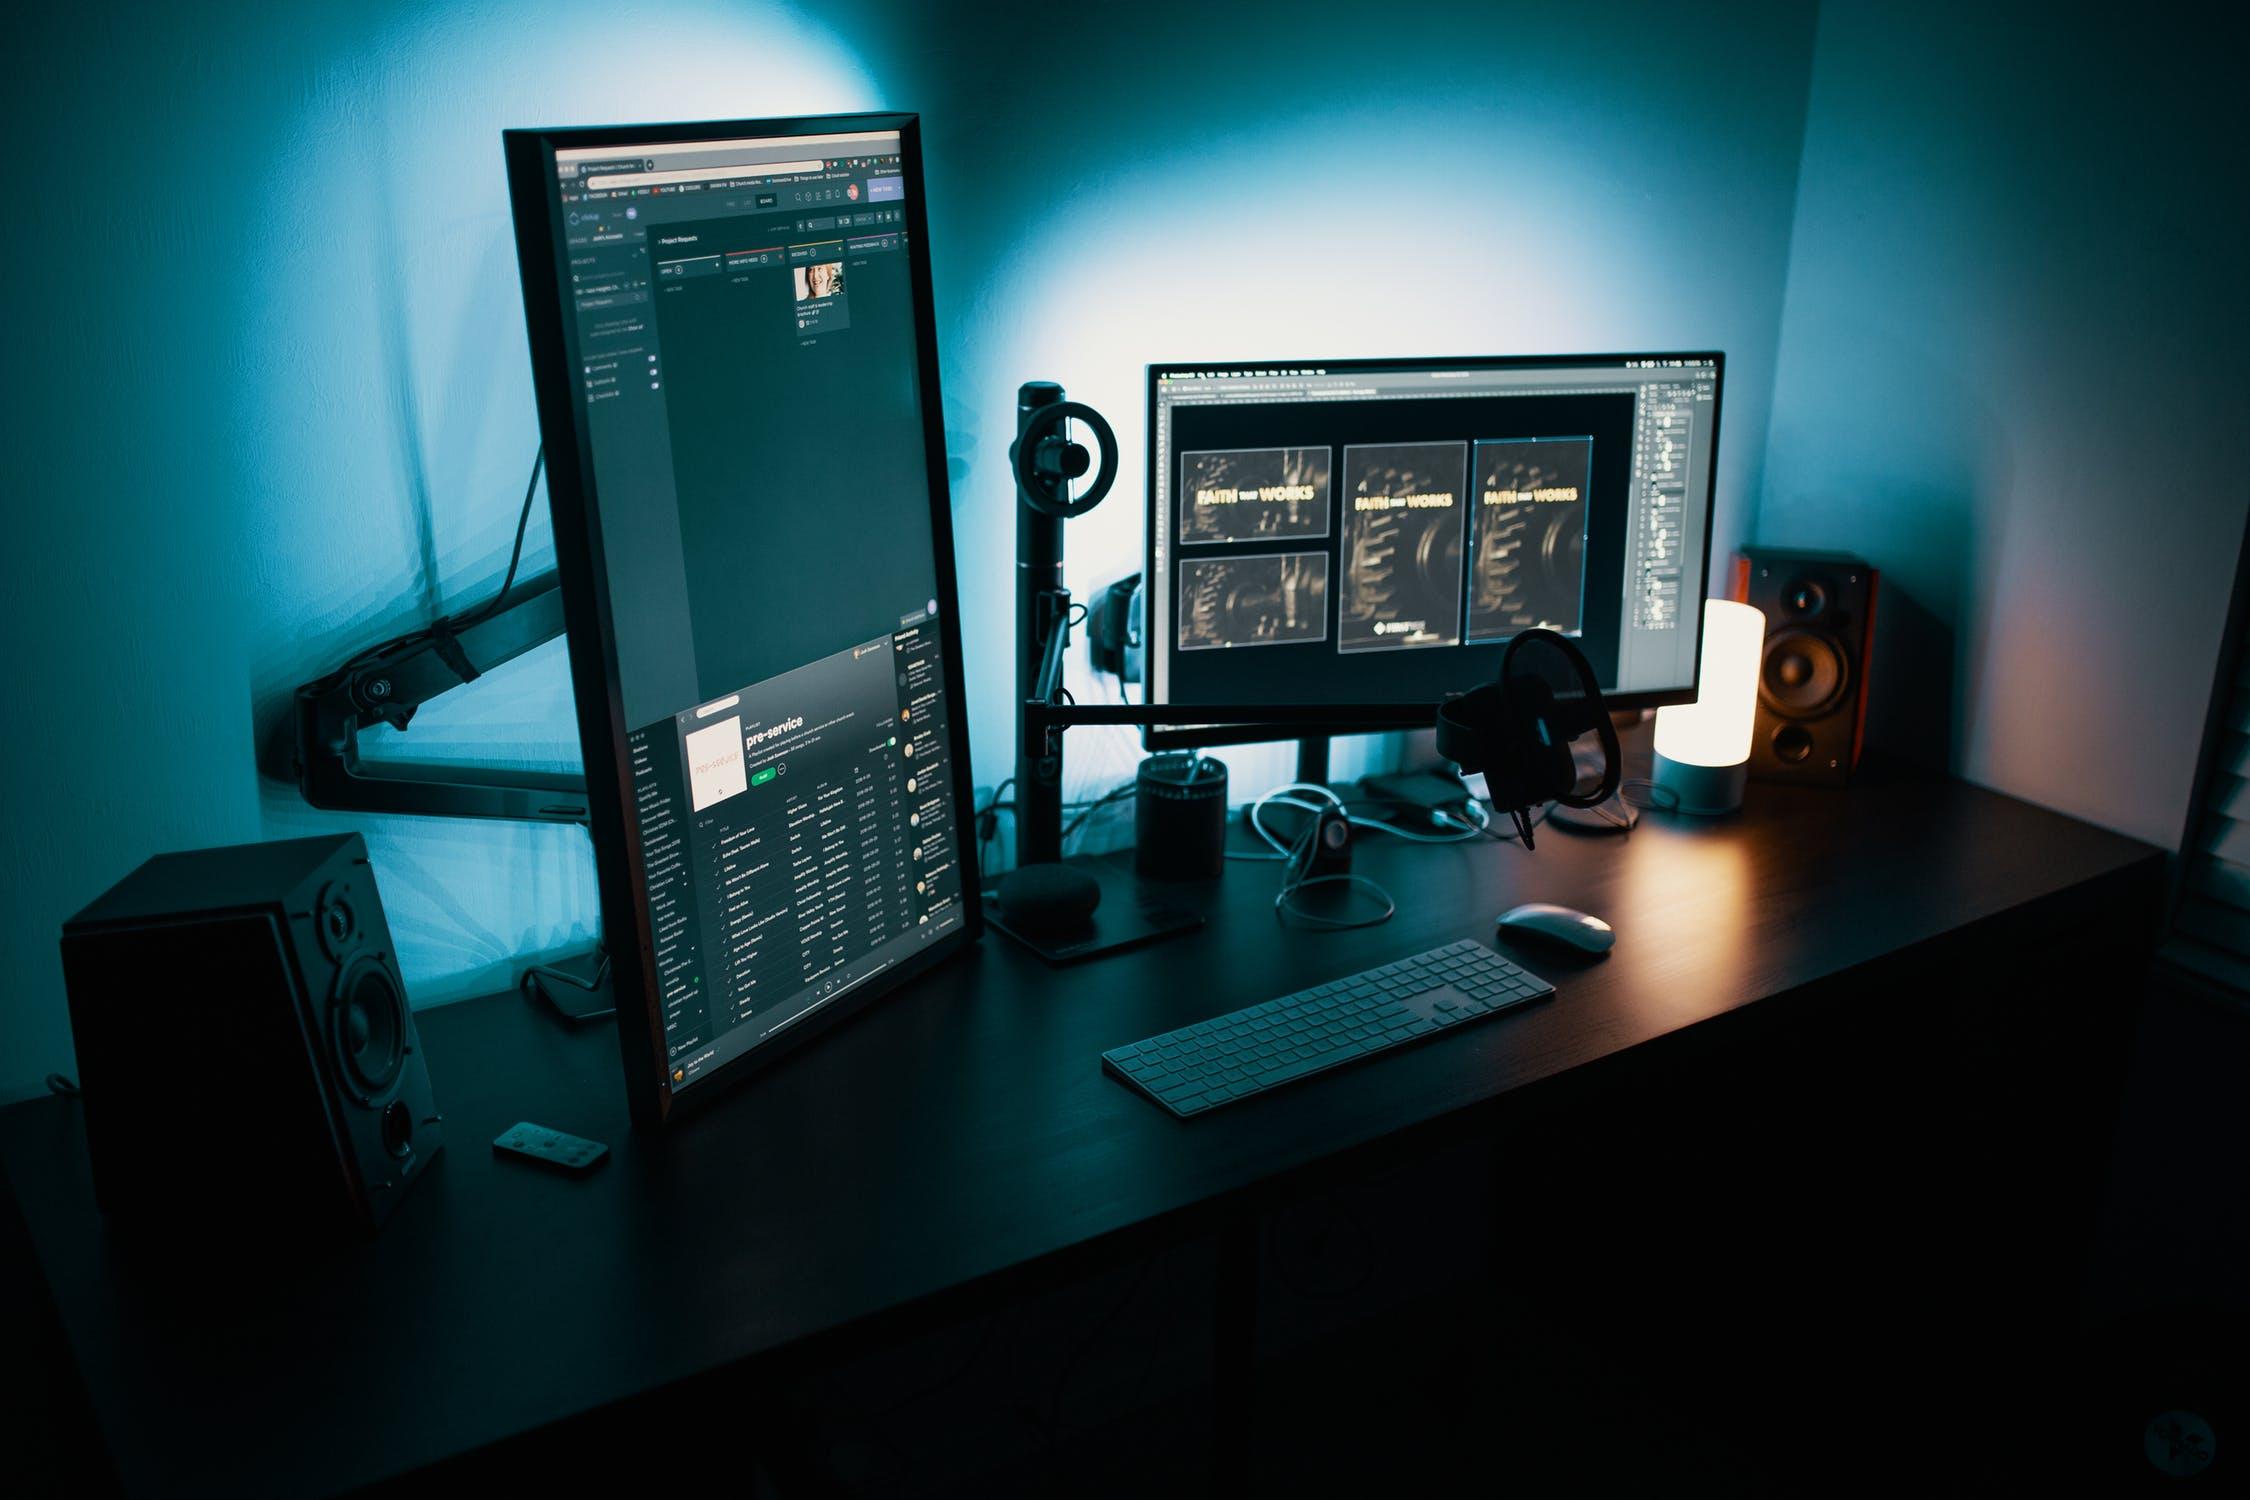 Bilgisayar satın alırken nelere dikkat edilir?